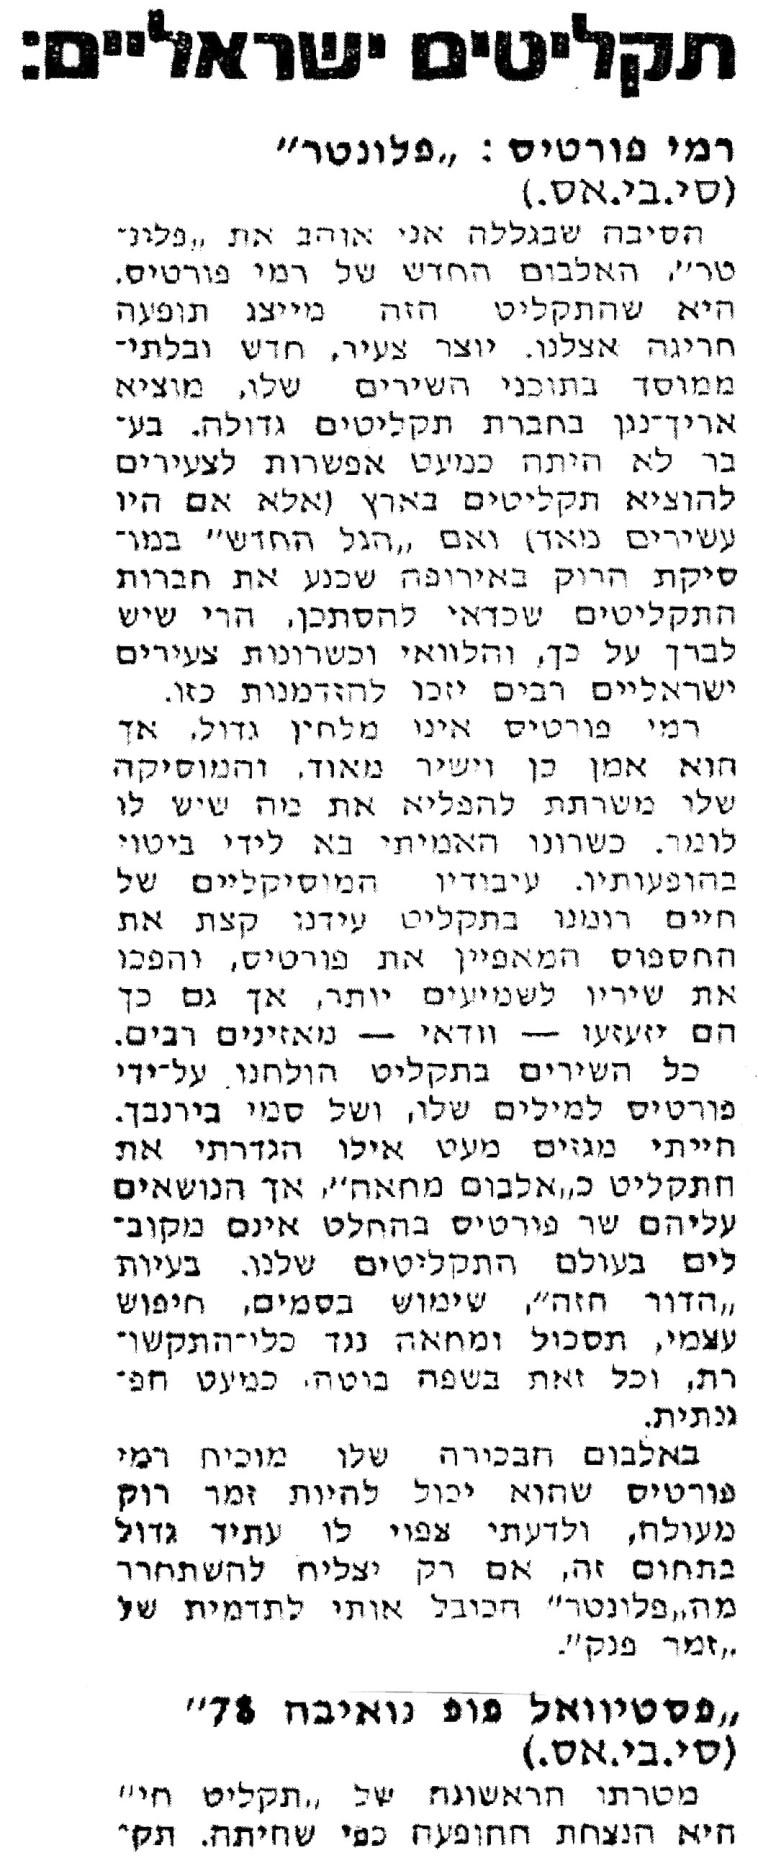 """רמי פורטיס, קוטנר מנבא את העתיד בביקורת שכתב ב""""מעריב"""" ב־1978. ארכיון מעריב"""